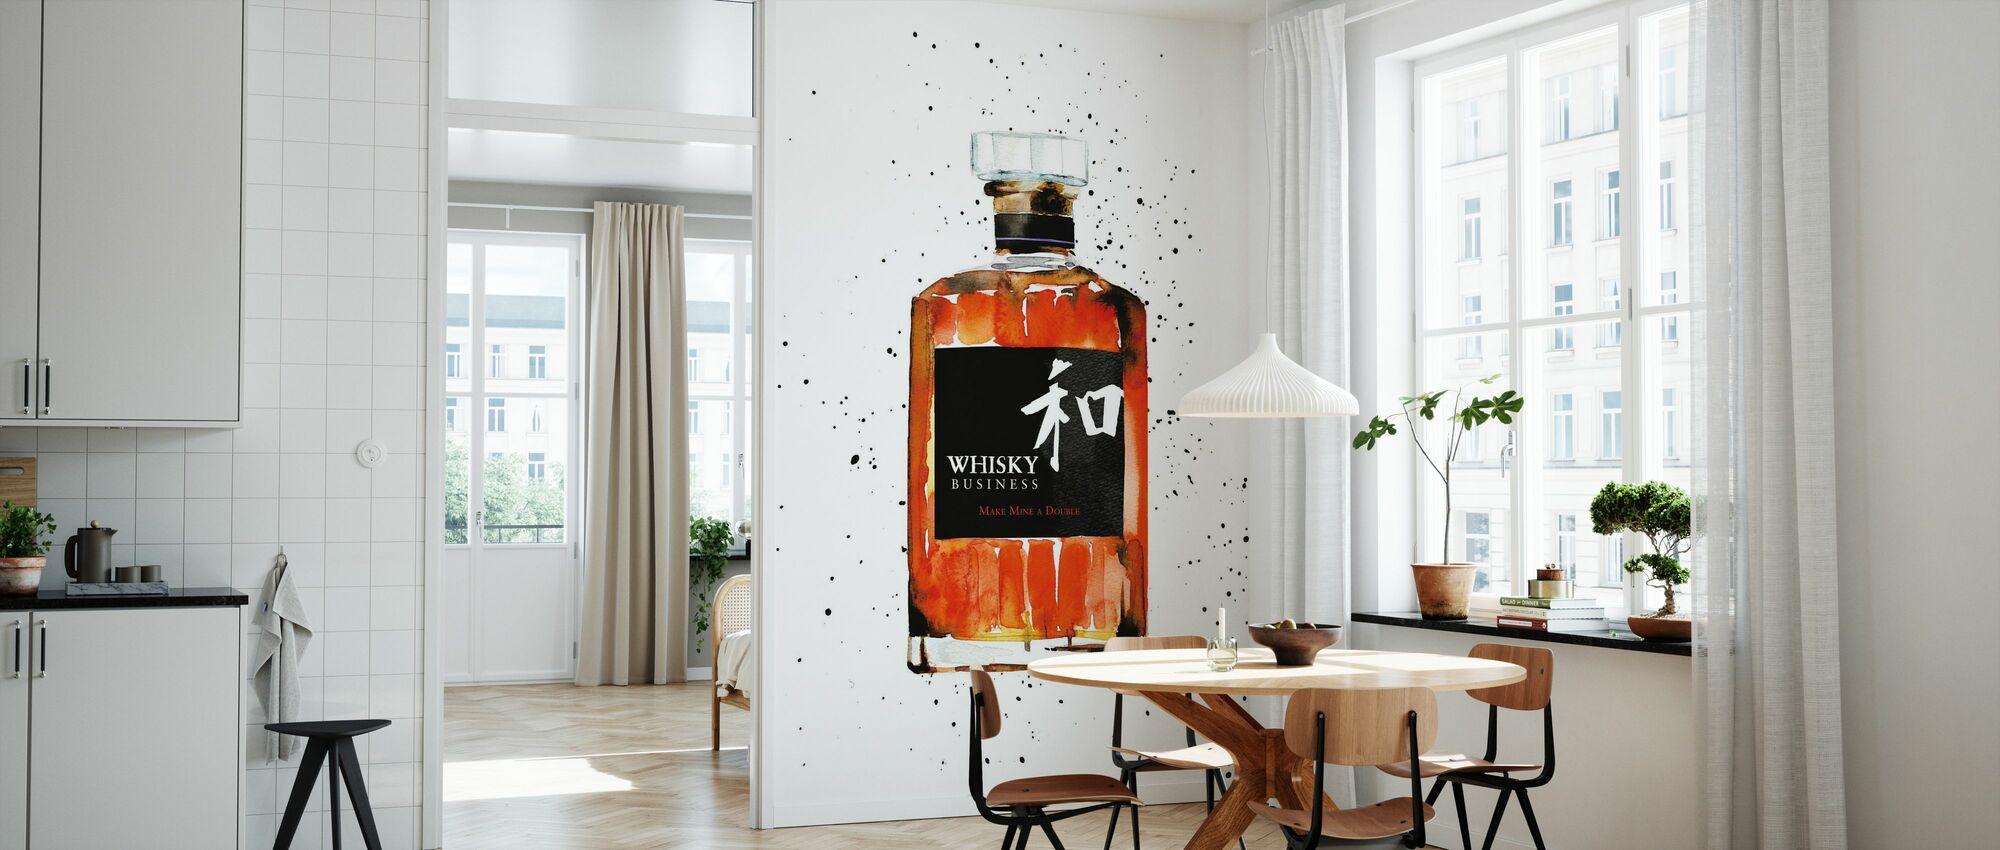 Whisky Business - Tapet - Kjøkken